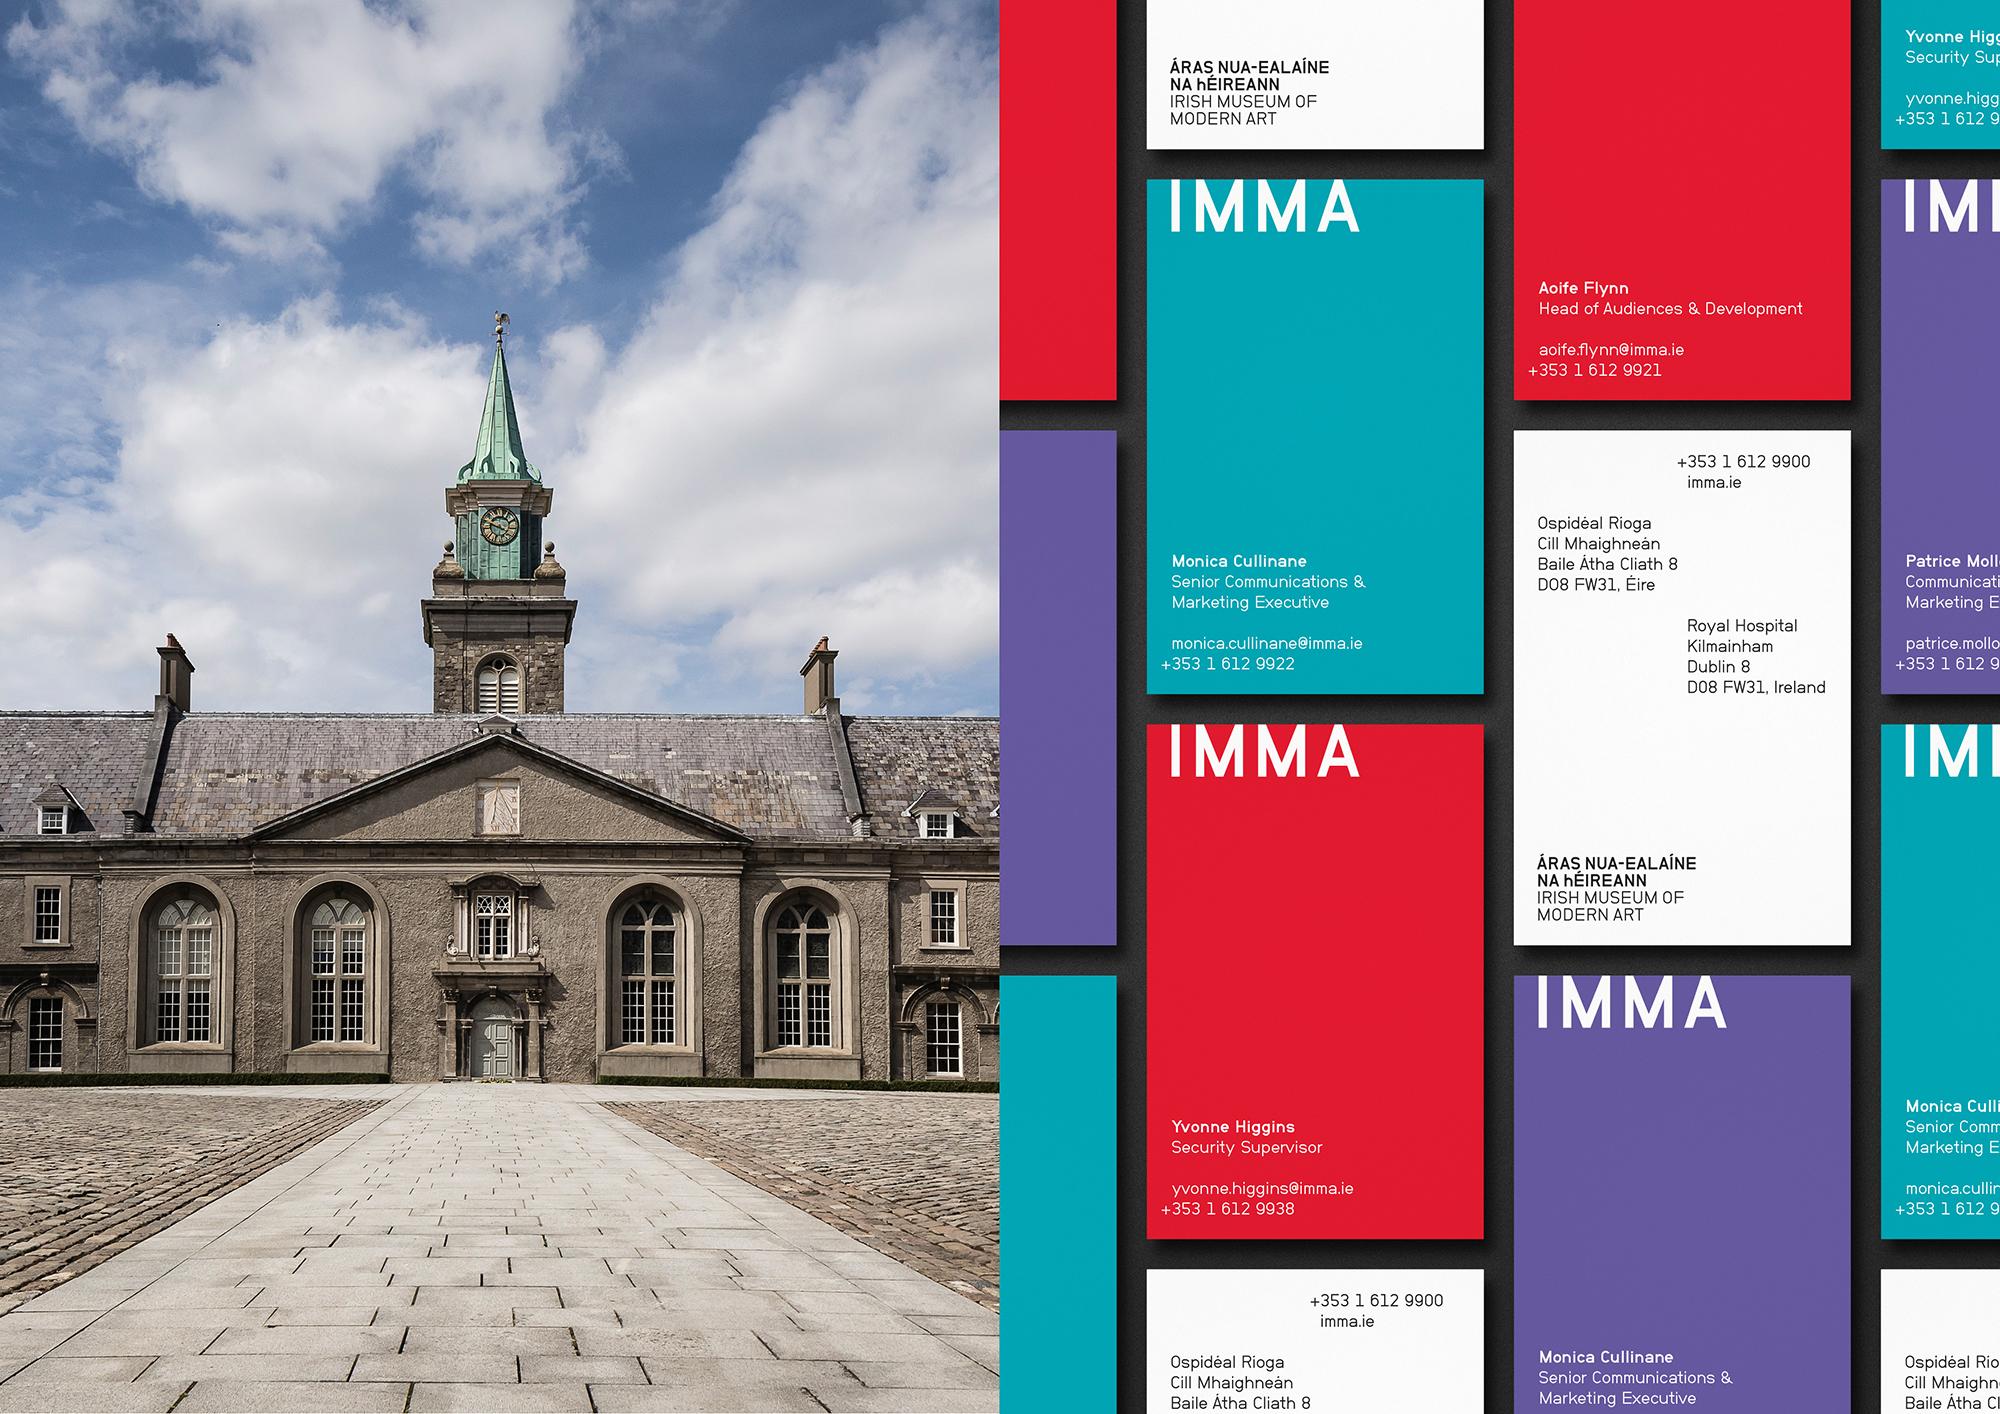 Cover image: IMMA